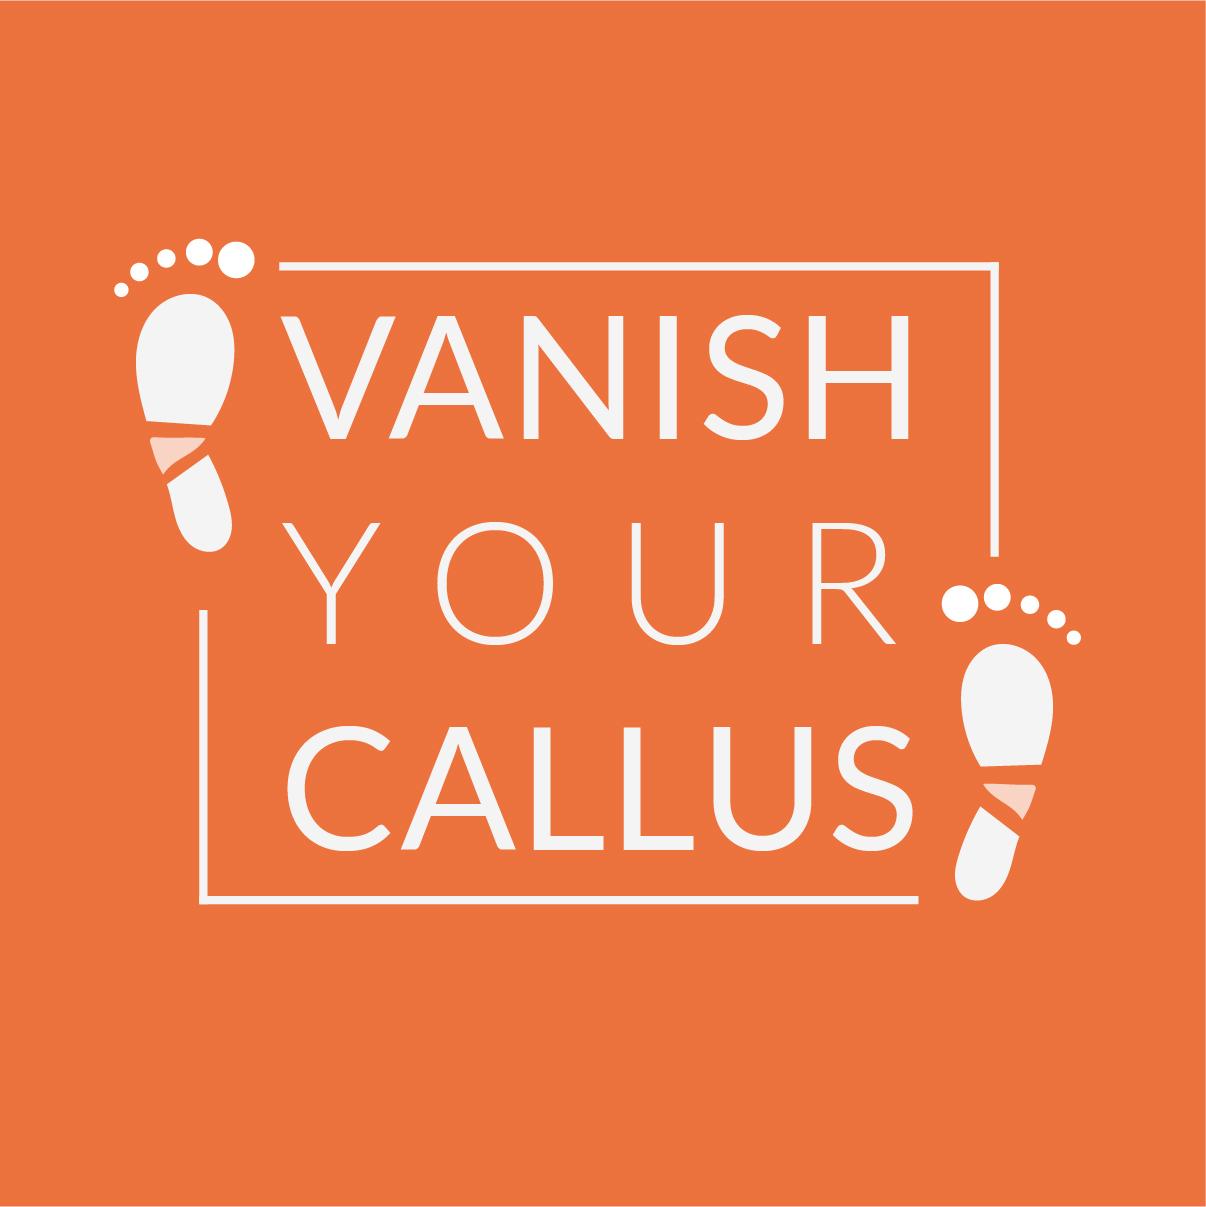 Vanish Your Callus